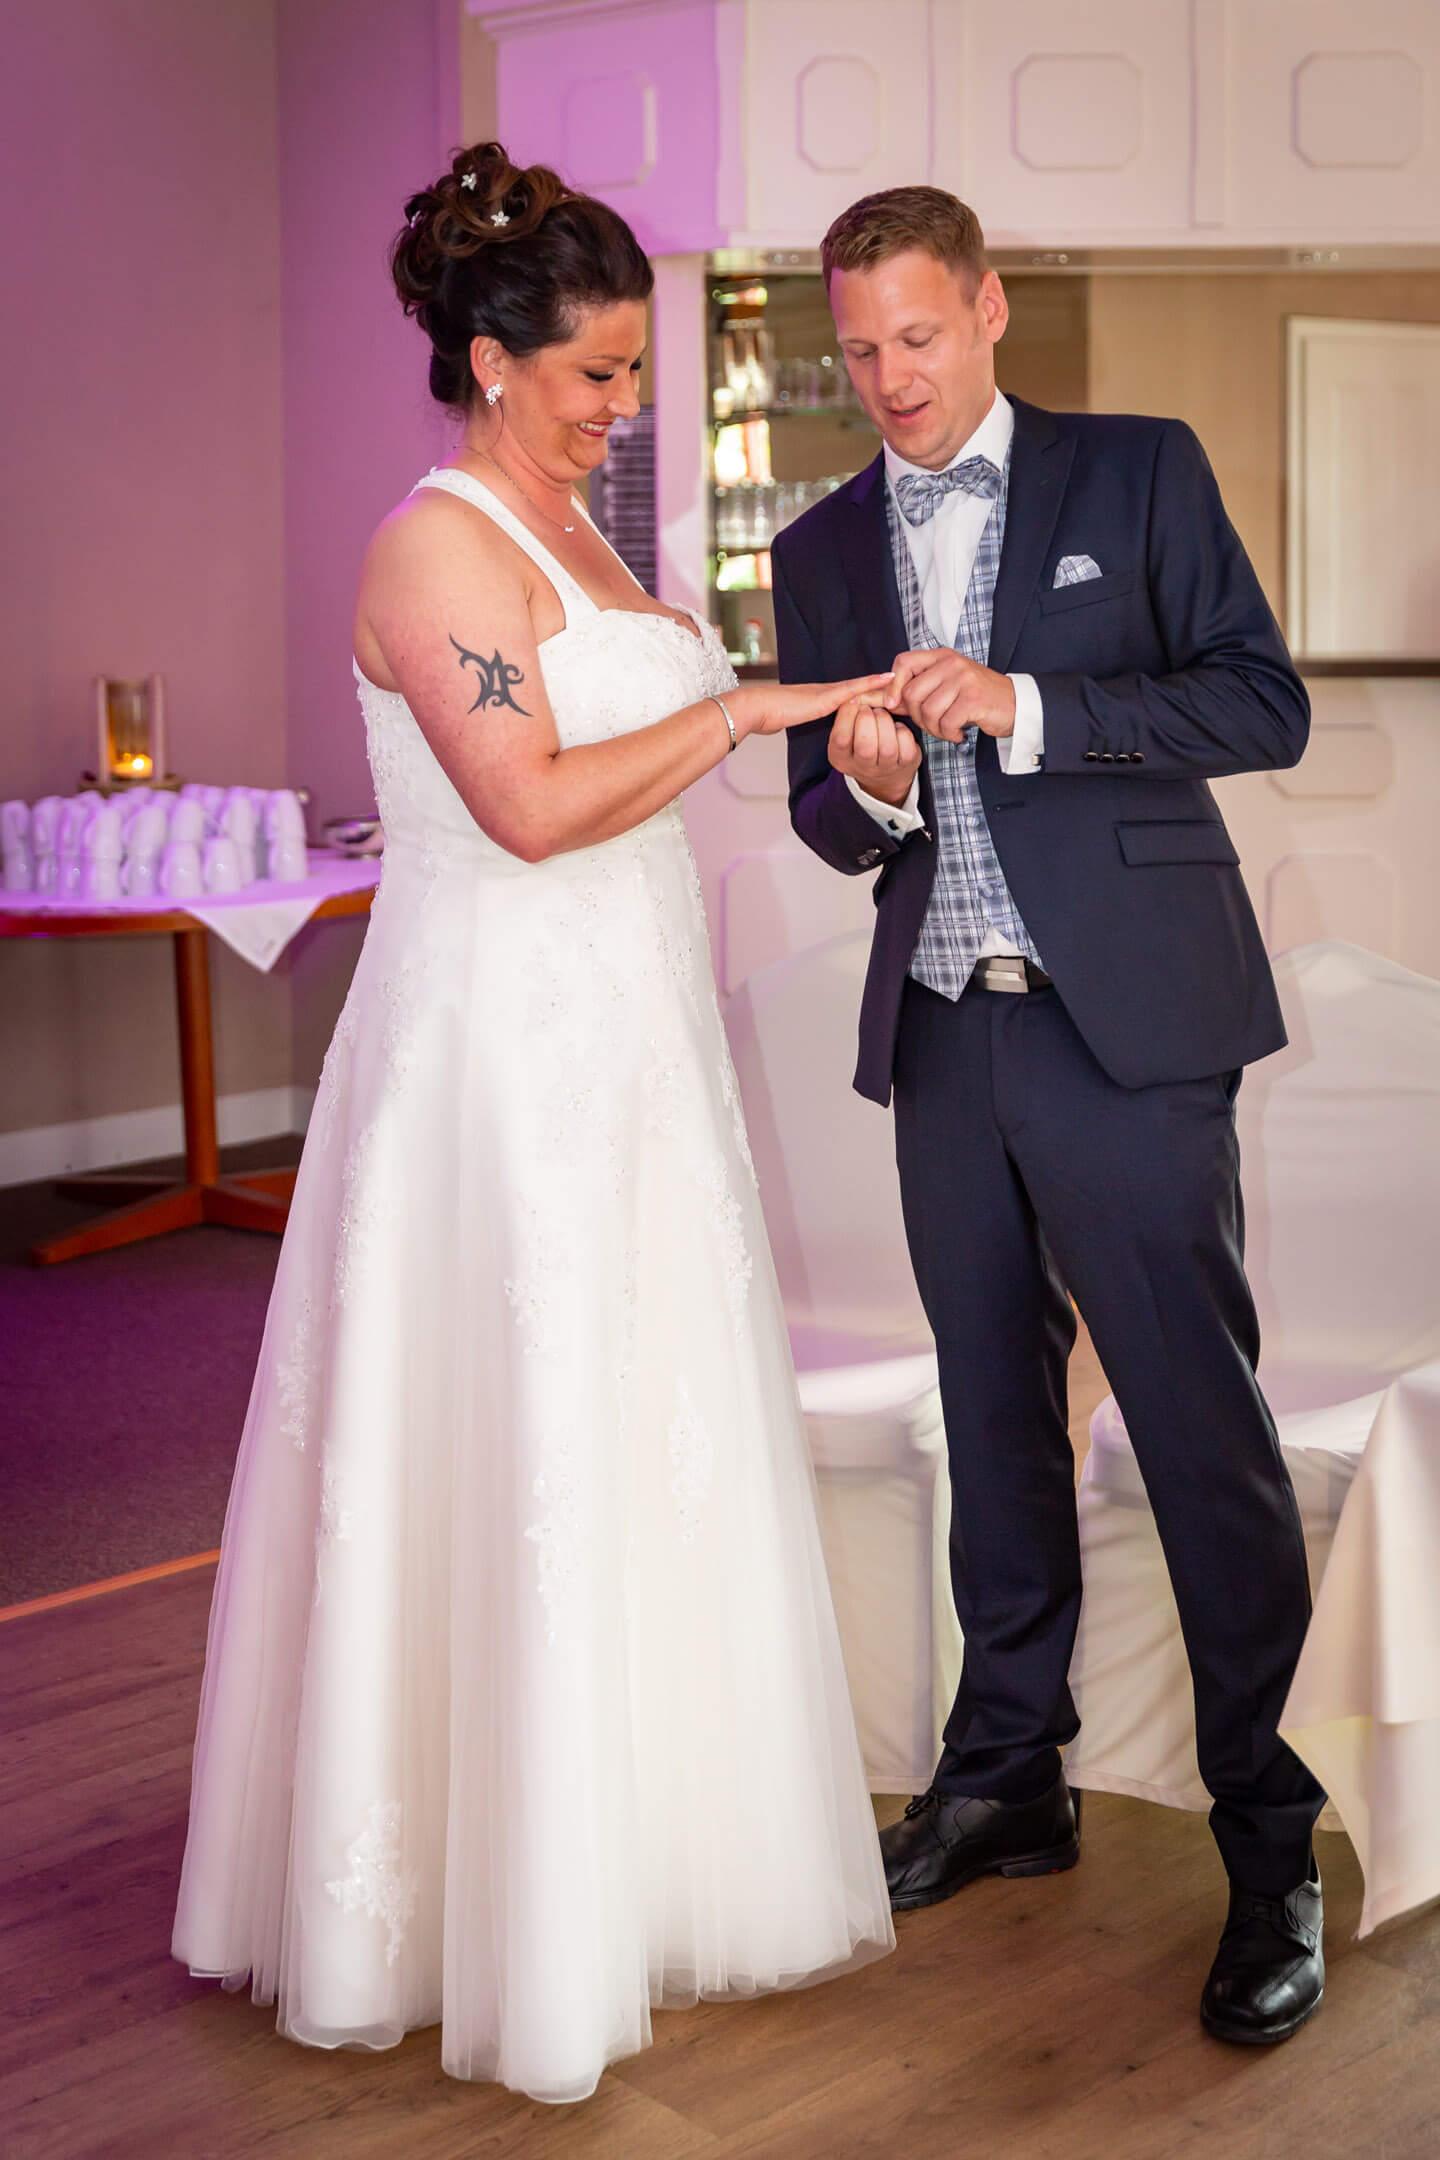 Bräutigam steckt seiner Frau bei freier Trauung den Ehering auf.